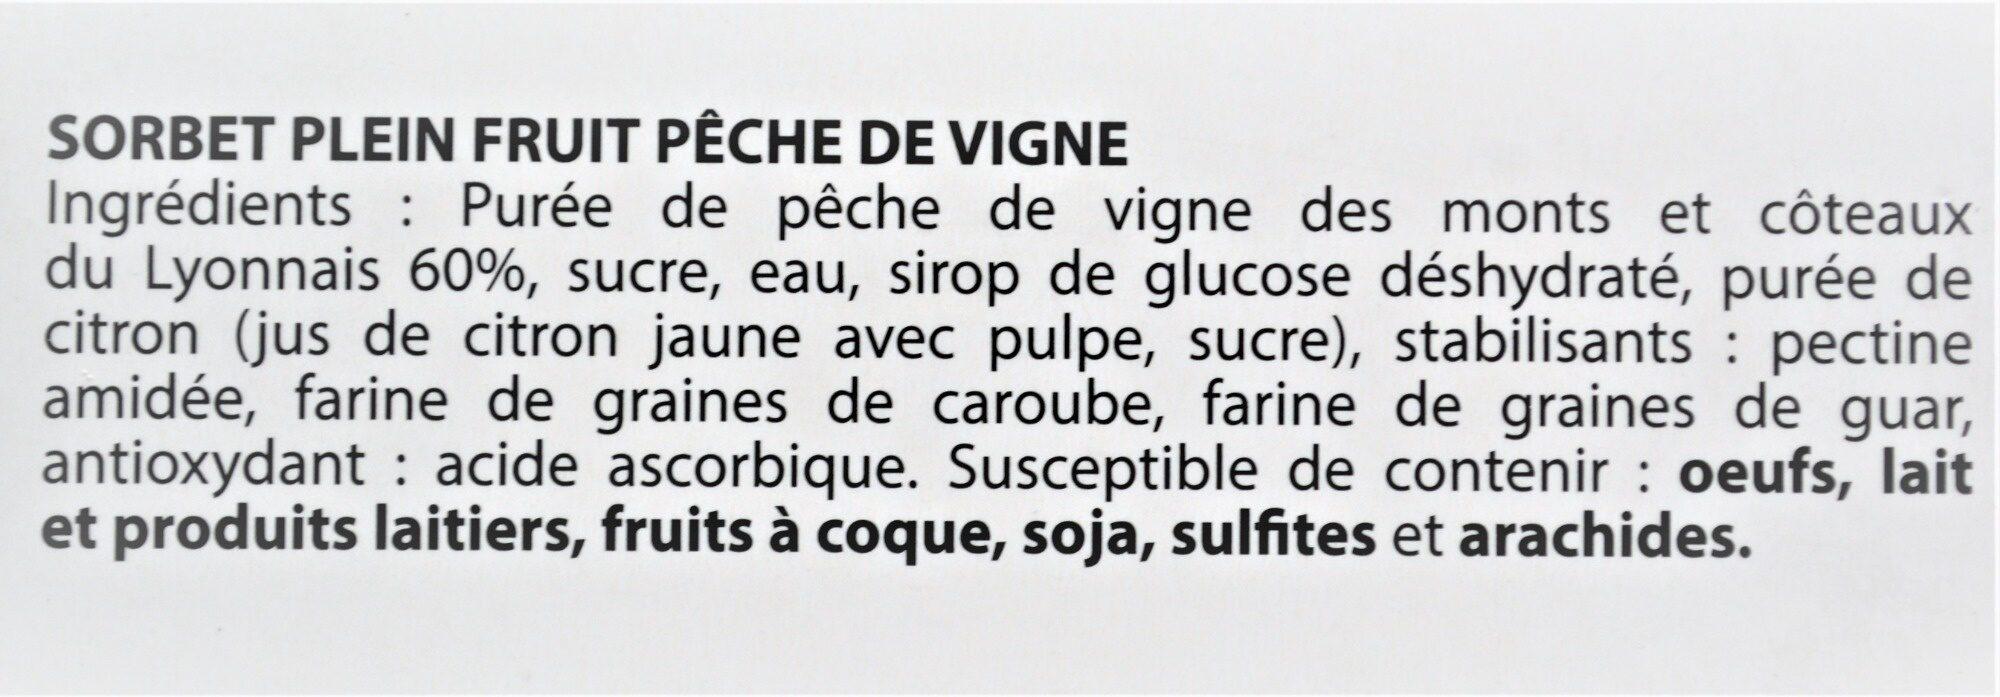 Sorbet plein fruit PÊCHE DE VIGNE des Monts & Coteaux du Lyonnais, 60% de fruit - Ingrédients - fr